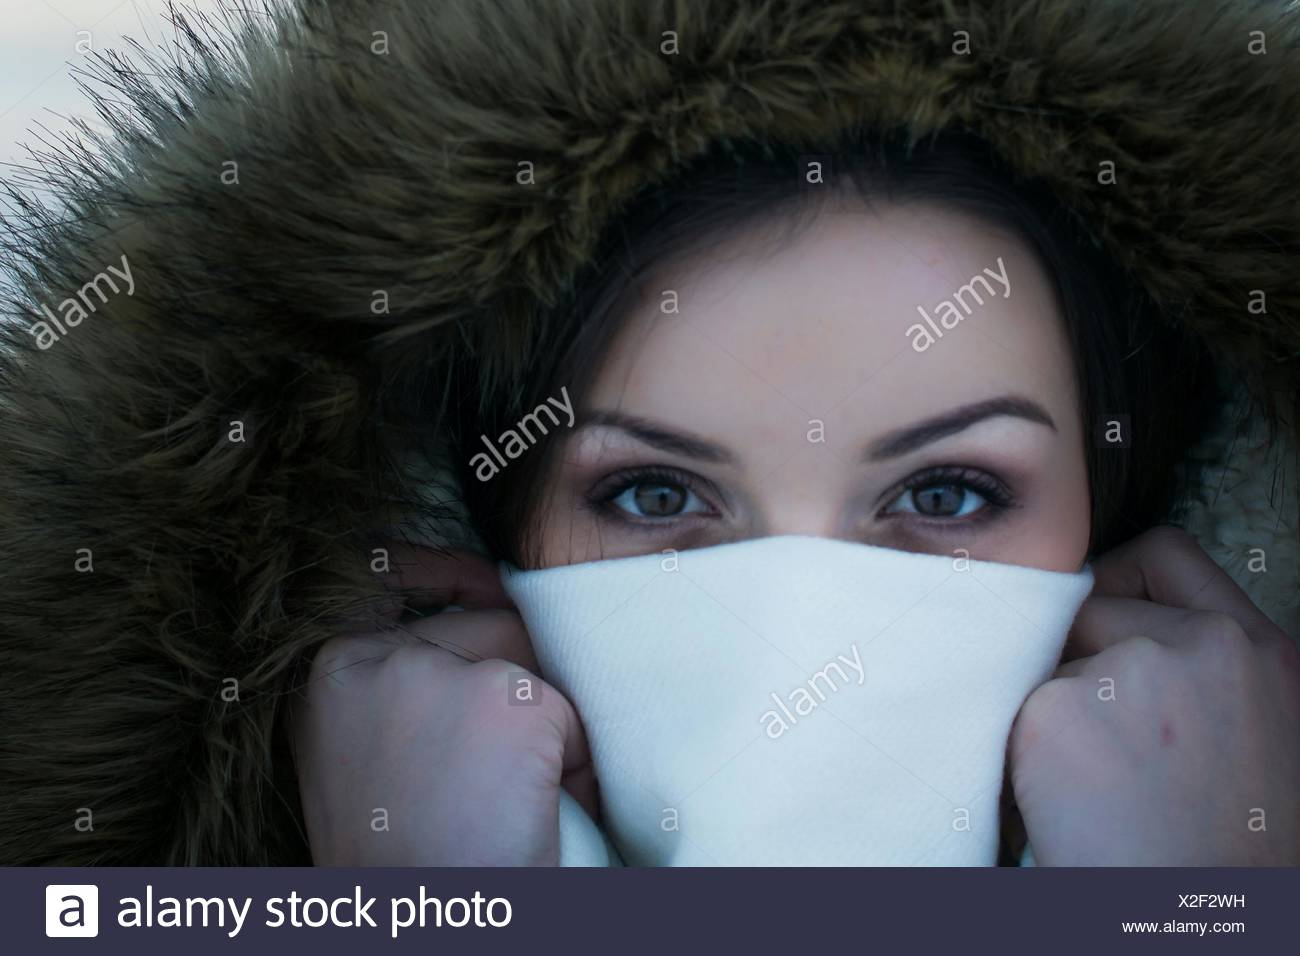 En primer plano el retrato de mujer joven que cubren la cara con una servilleta Imagen De Stock